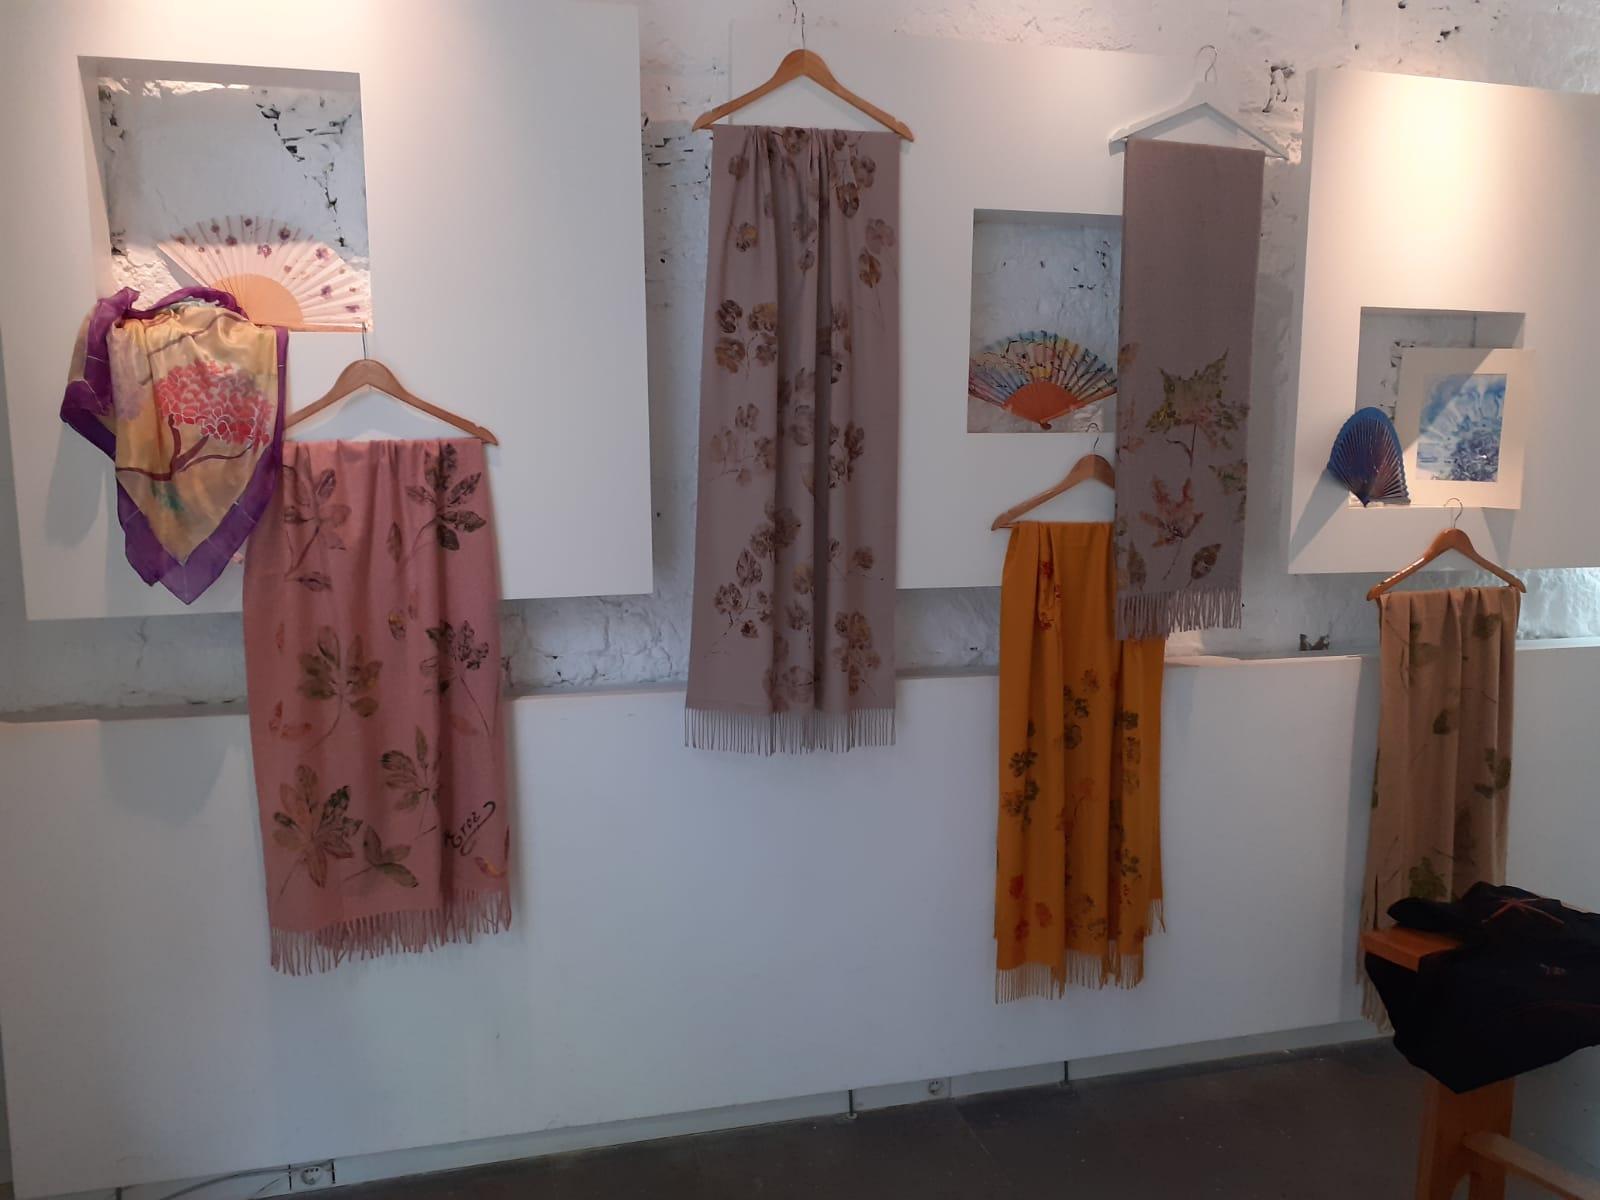 Prendas decoradas por Elena Robayna con el tinte natural de la cochinilla. Las Palmas de Gran Canaria